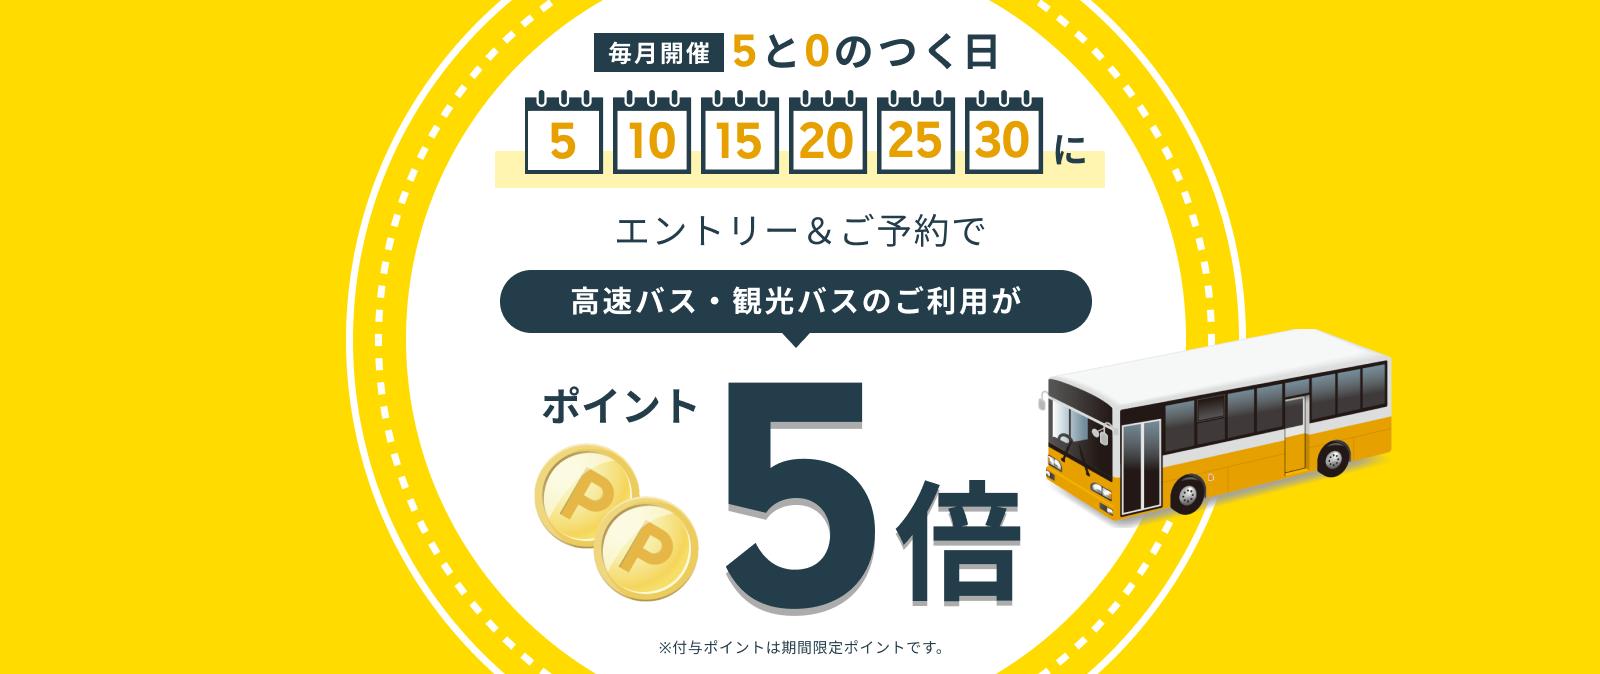 5と0のつく日のご予約で、バスの旅行がポイント5倍